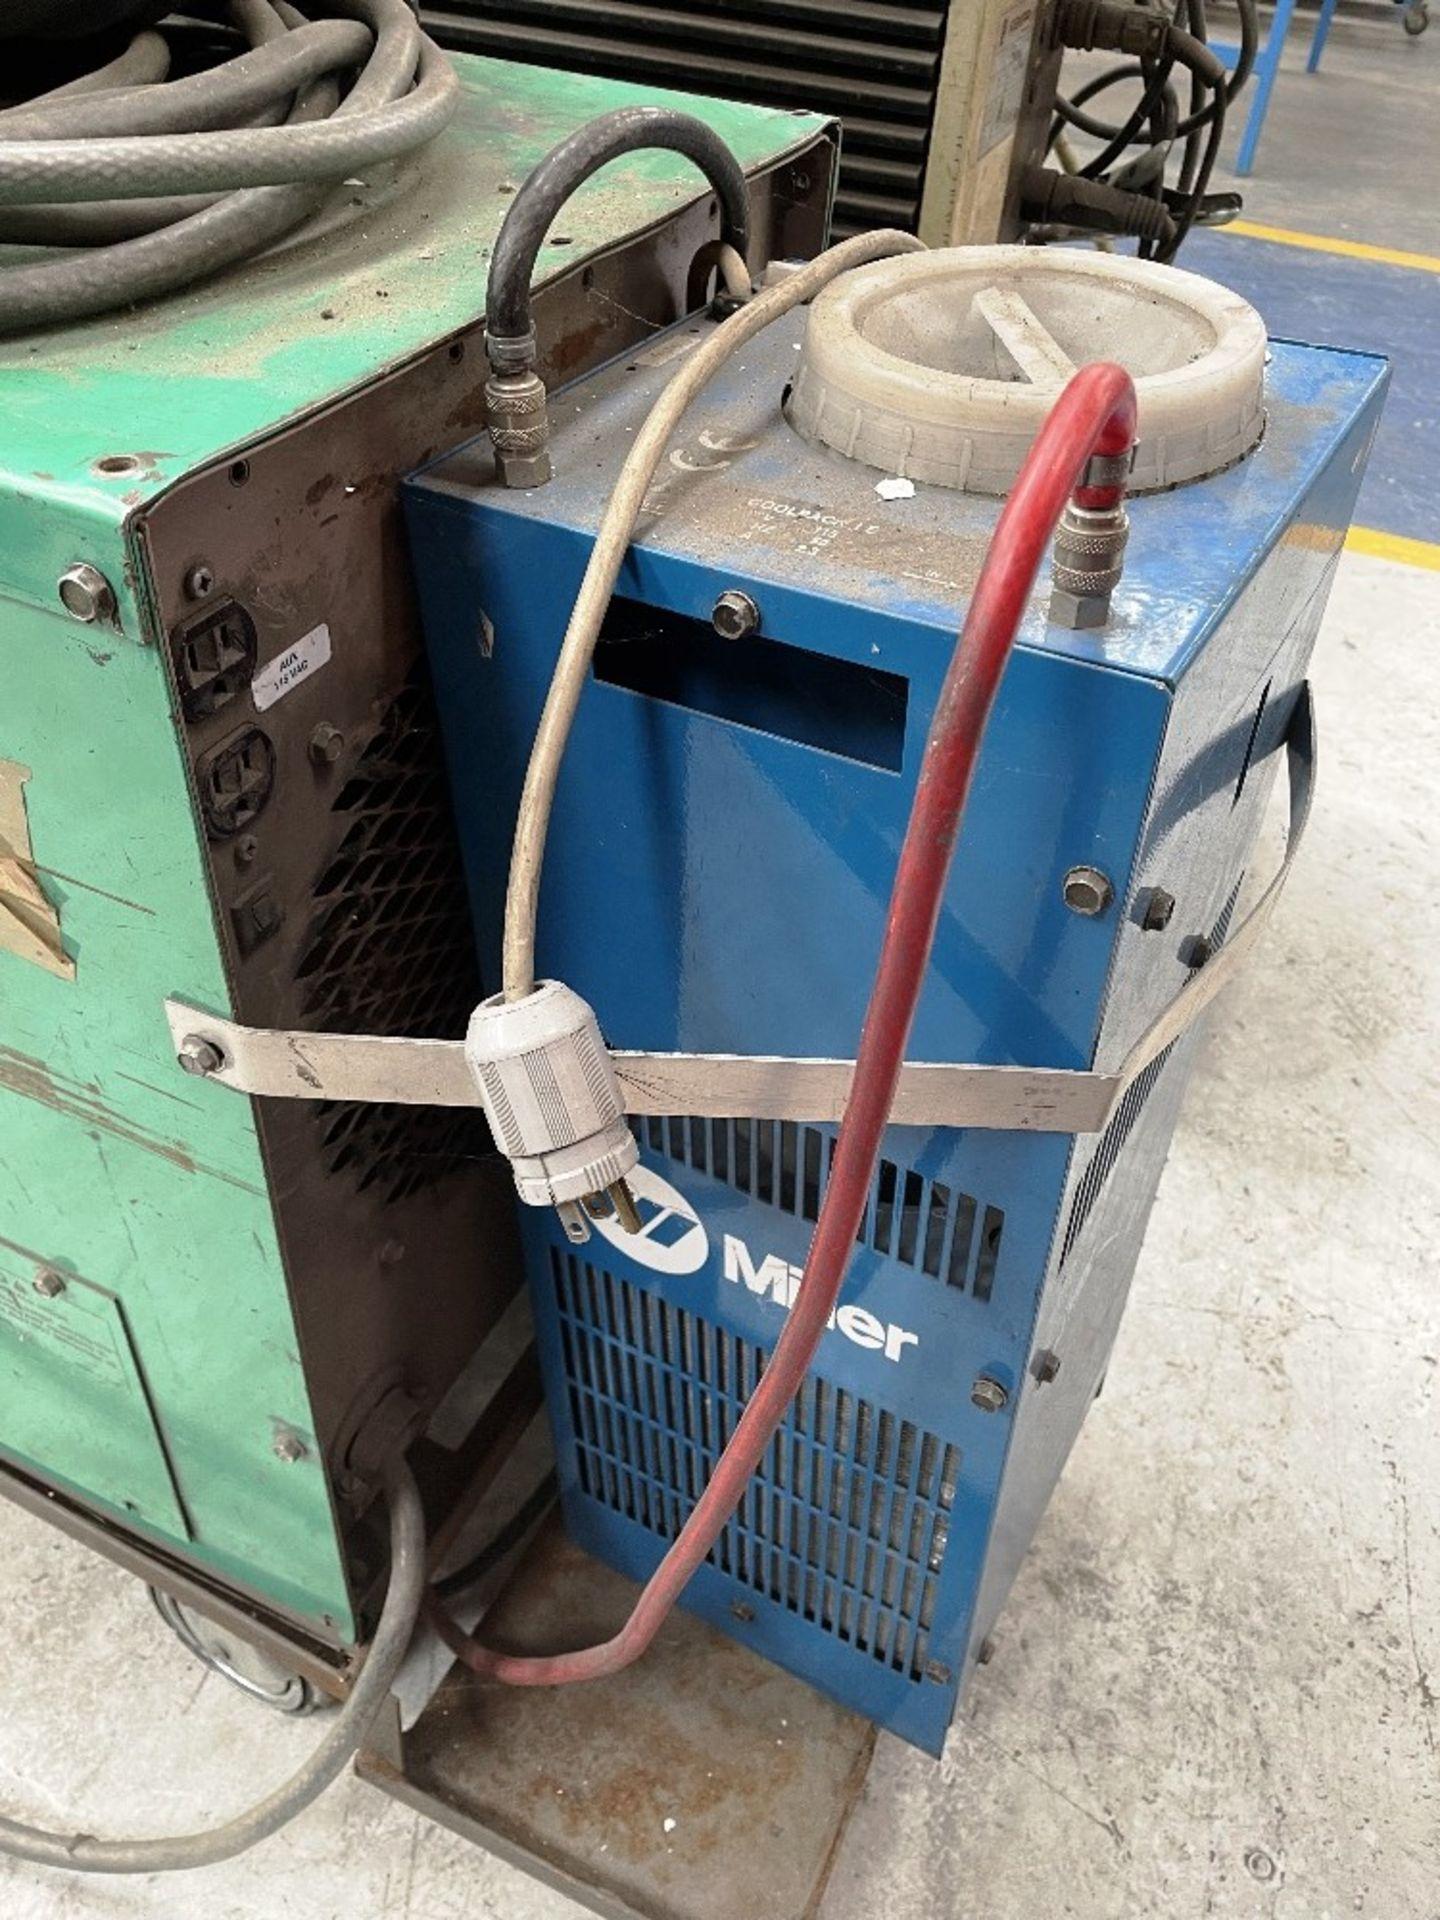 L-Tec Heliarc 250 Tig/Stick Welder w/ Miller Power Source & Water Cooler - Image 4 of 5